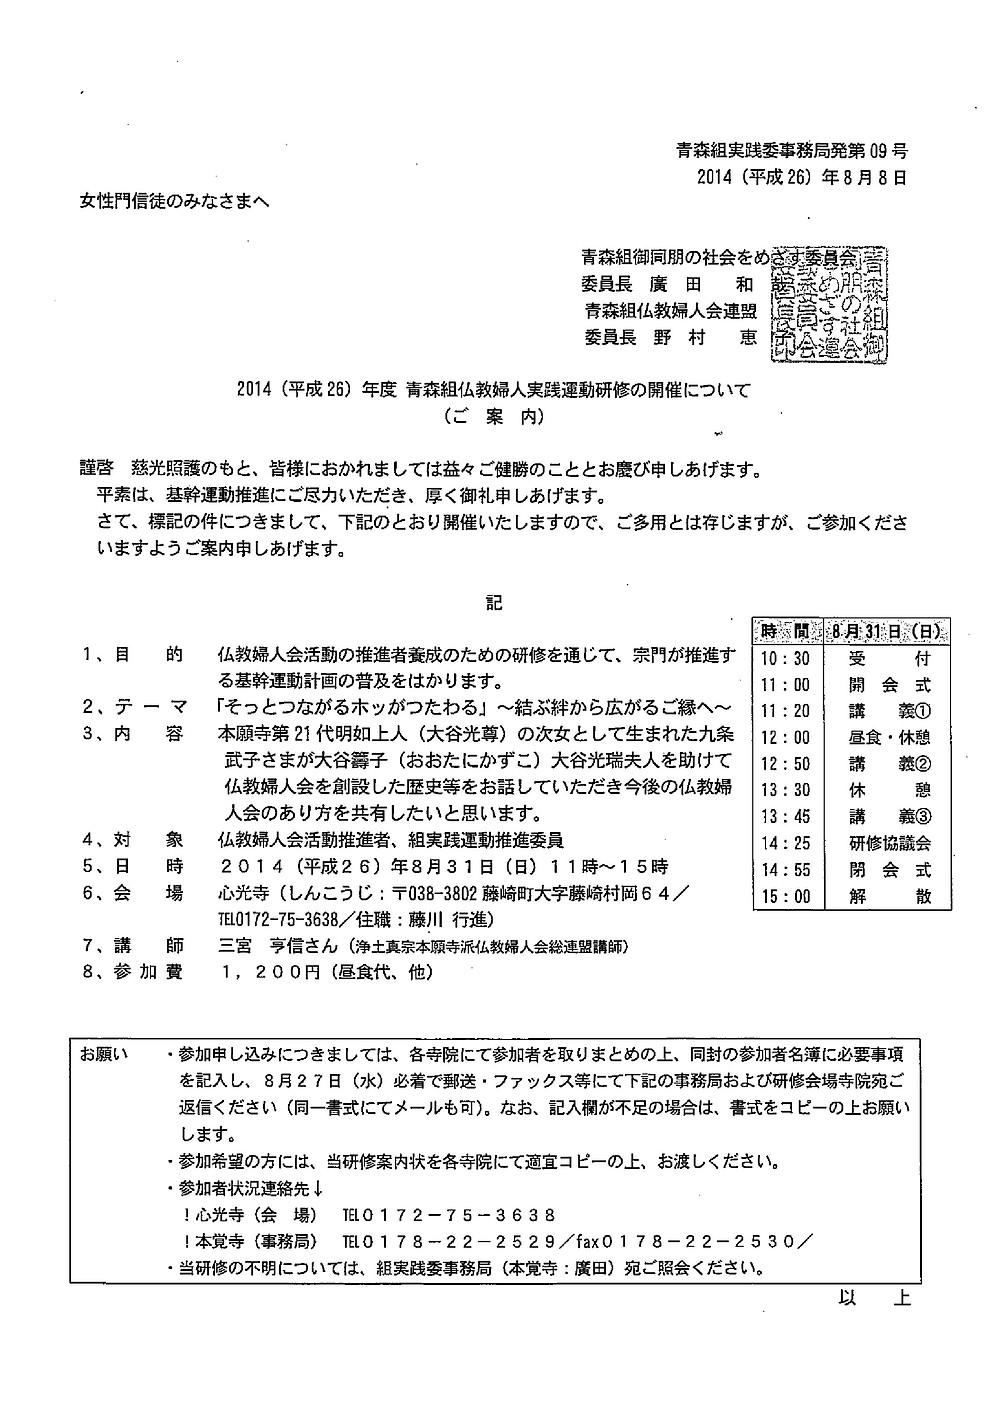 青森組案内状2014.08.31.jpg